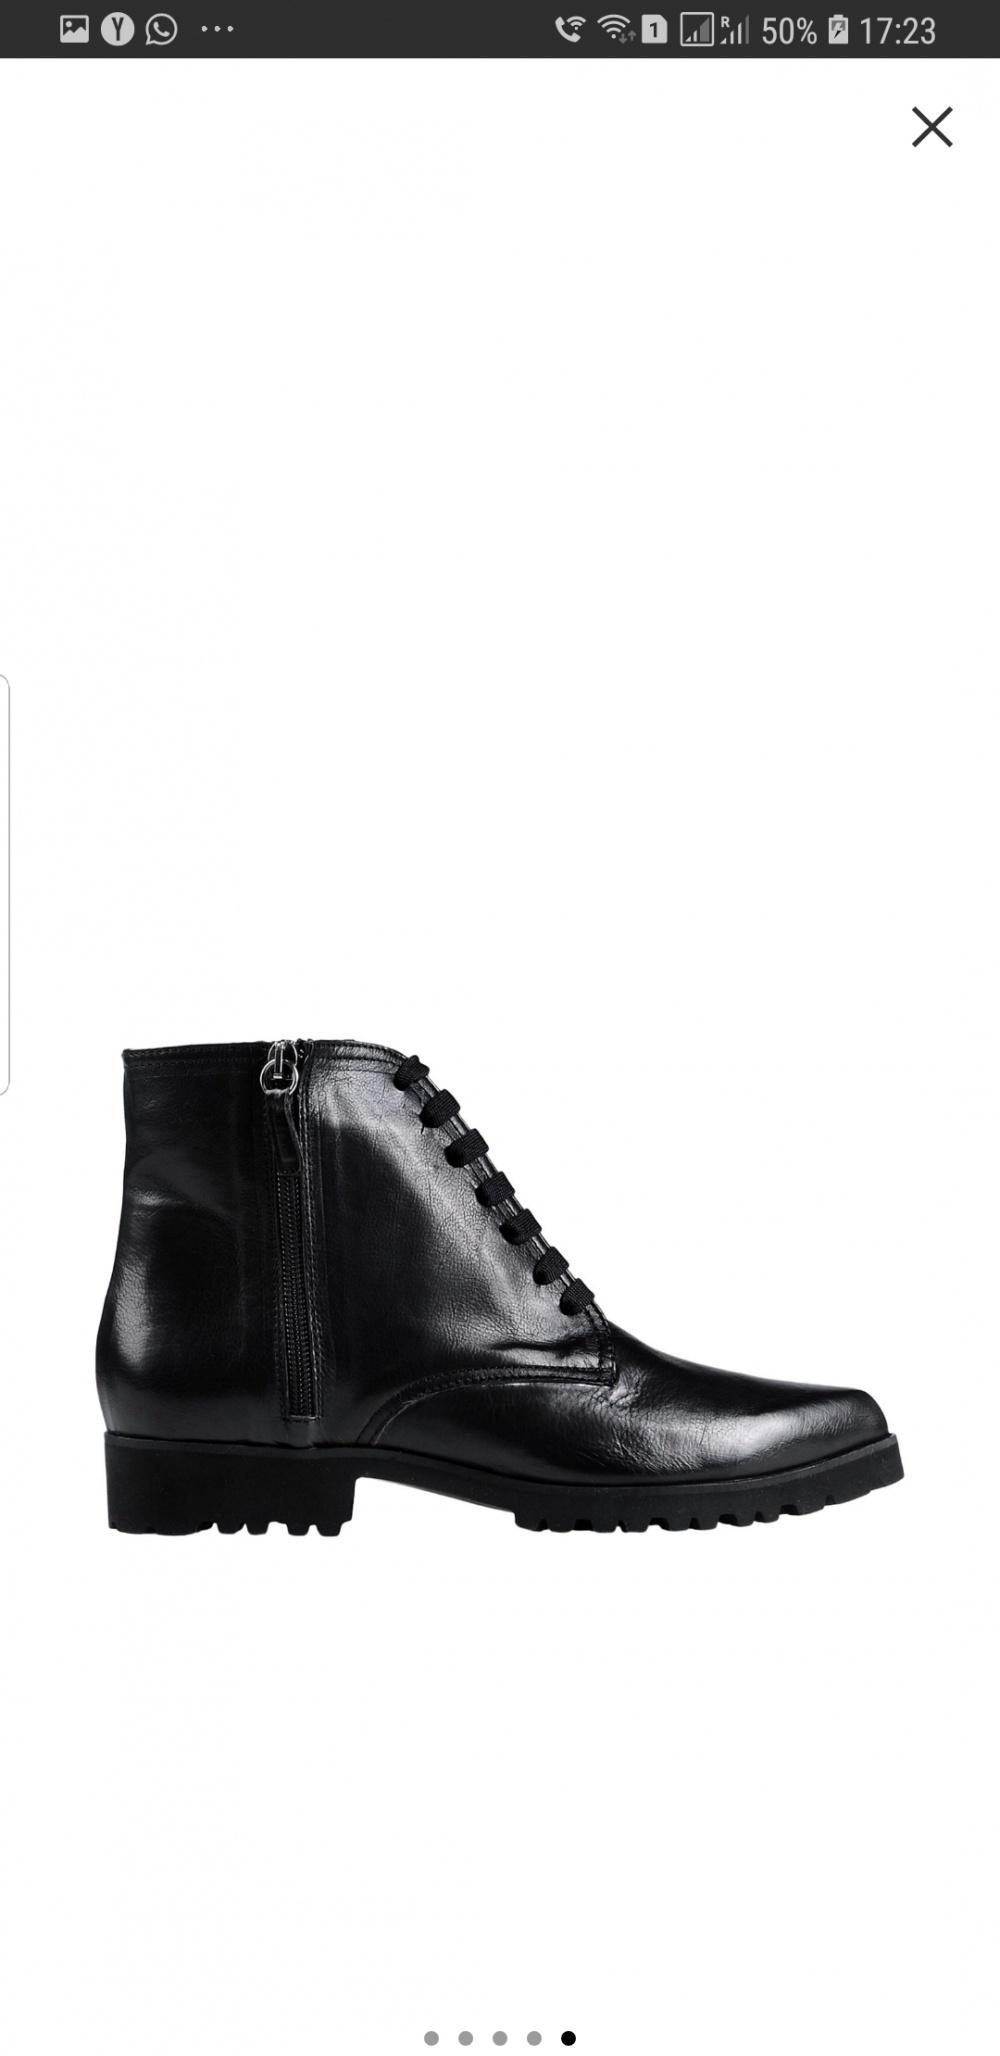 Ботинки 8 by YOOX, р. 40